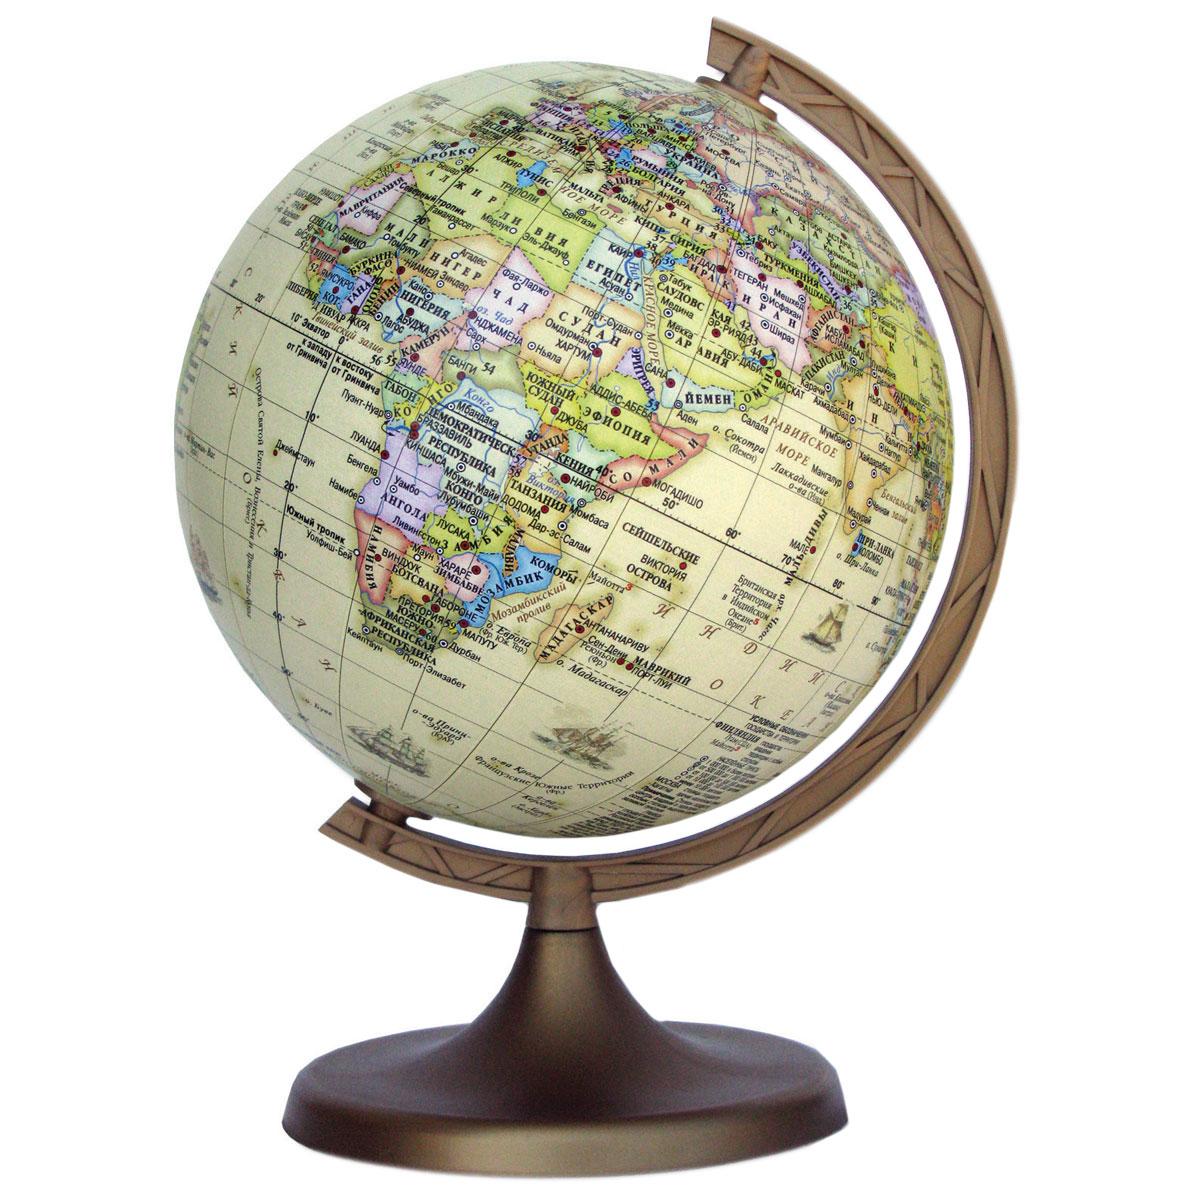 Глобус DMB Ретро, c политической картой мира, диаметр 11 см + Мини-энциклопедия Страны МираFS-00897Политический глобус DMB Ретро, изготовленный из высококачественногопрочного пластика, дает представление о политическом устройстве мира. Он напоминает глобусы, которые делали в старину, но с современными картами нынешней Земли. Как правило, карта таких глобусов является современной политической. Ретро глобусы очень популярны для домашнего и офисного оформления, потому что удачно вписываются в интерьер благодаря своему бежевому нежному цвету.Изделие расположено на подставке. Все страны мира раскрашены в разныецвета. На политическом глобусе показаны границы государств, столицы икрупные населенные пункты, а также картографические линии: параллели имеридианы, линия перемены дат. Названия стран на глобусе приведены нарусском языке. Ничто так не обеспечивает всестороннего и детальногоизучения политического устройства мира в таком сжатом и объемном образе,как политический глобус. Сделайте первый шаг в стимулирование своегообучения! К глобусу прилагается мини-энциклопедия Страны Мира с краткимописанием всех стран. Настольный глобус DMB Ретро станет оригинальным украшением рабочегостола или вашего кабинета. Это изысканная вещь для стильного интерьера,которая станет прекрасным подарком для современного преуспевающегочеловека, следующего последним тенденциям моды и стремящегося кэлегантности и комфорту в каждой детали.Высота глобуса с подставкой: 17 см.Диаметр глобуса: 11 см.Масштаб: 1:115 000 000.